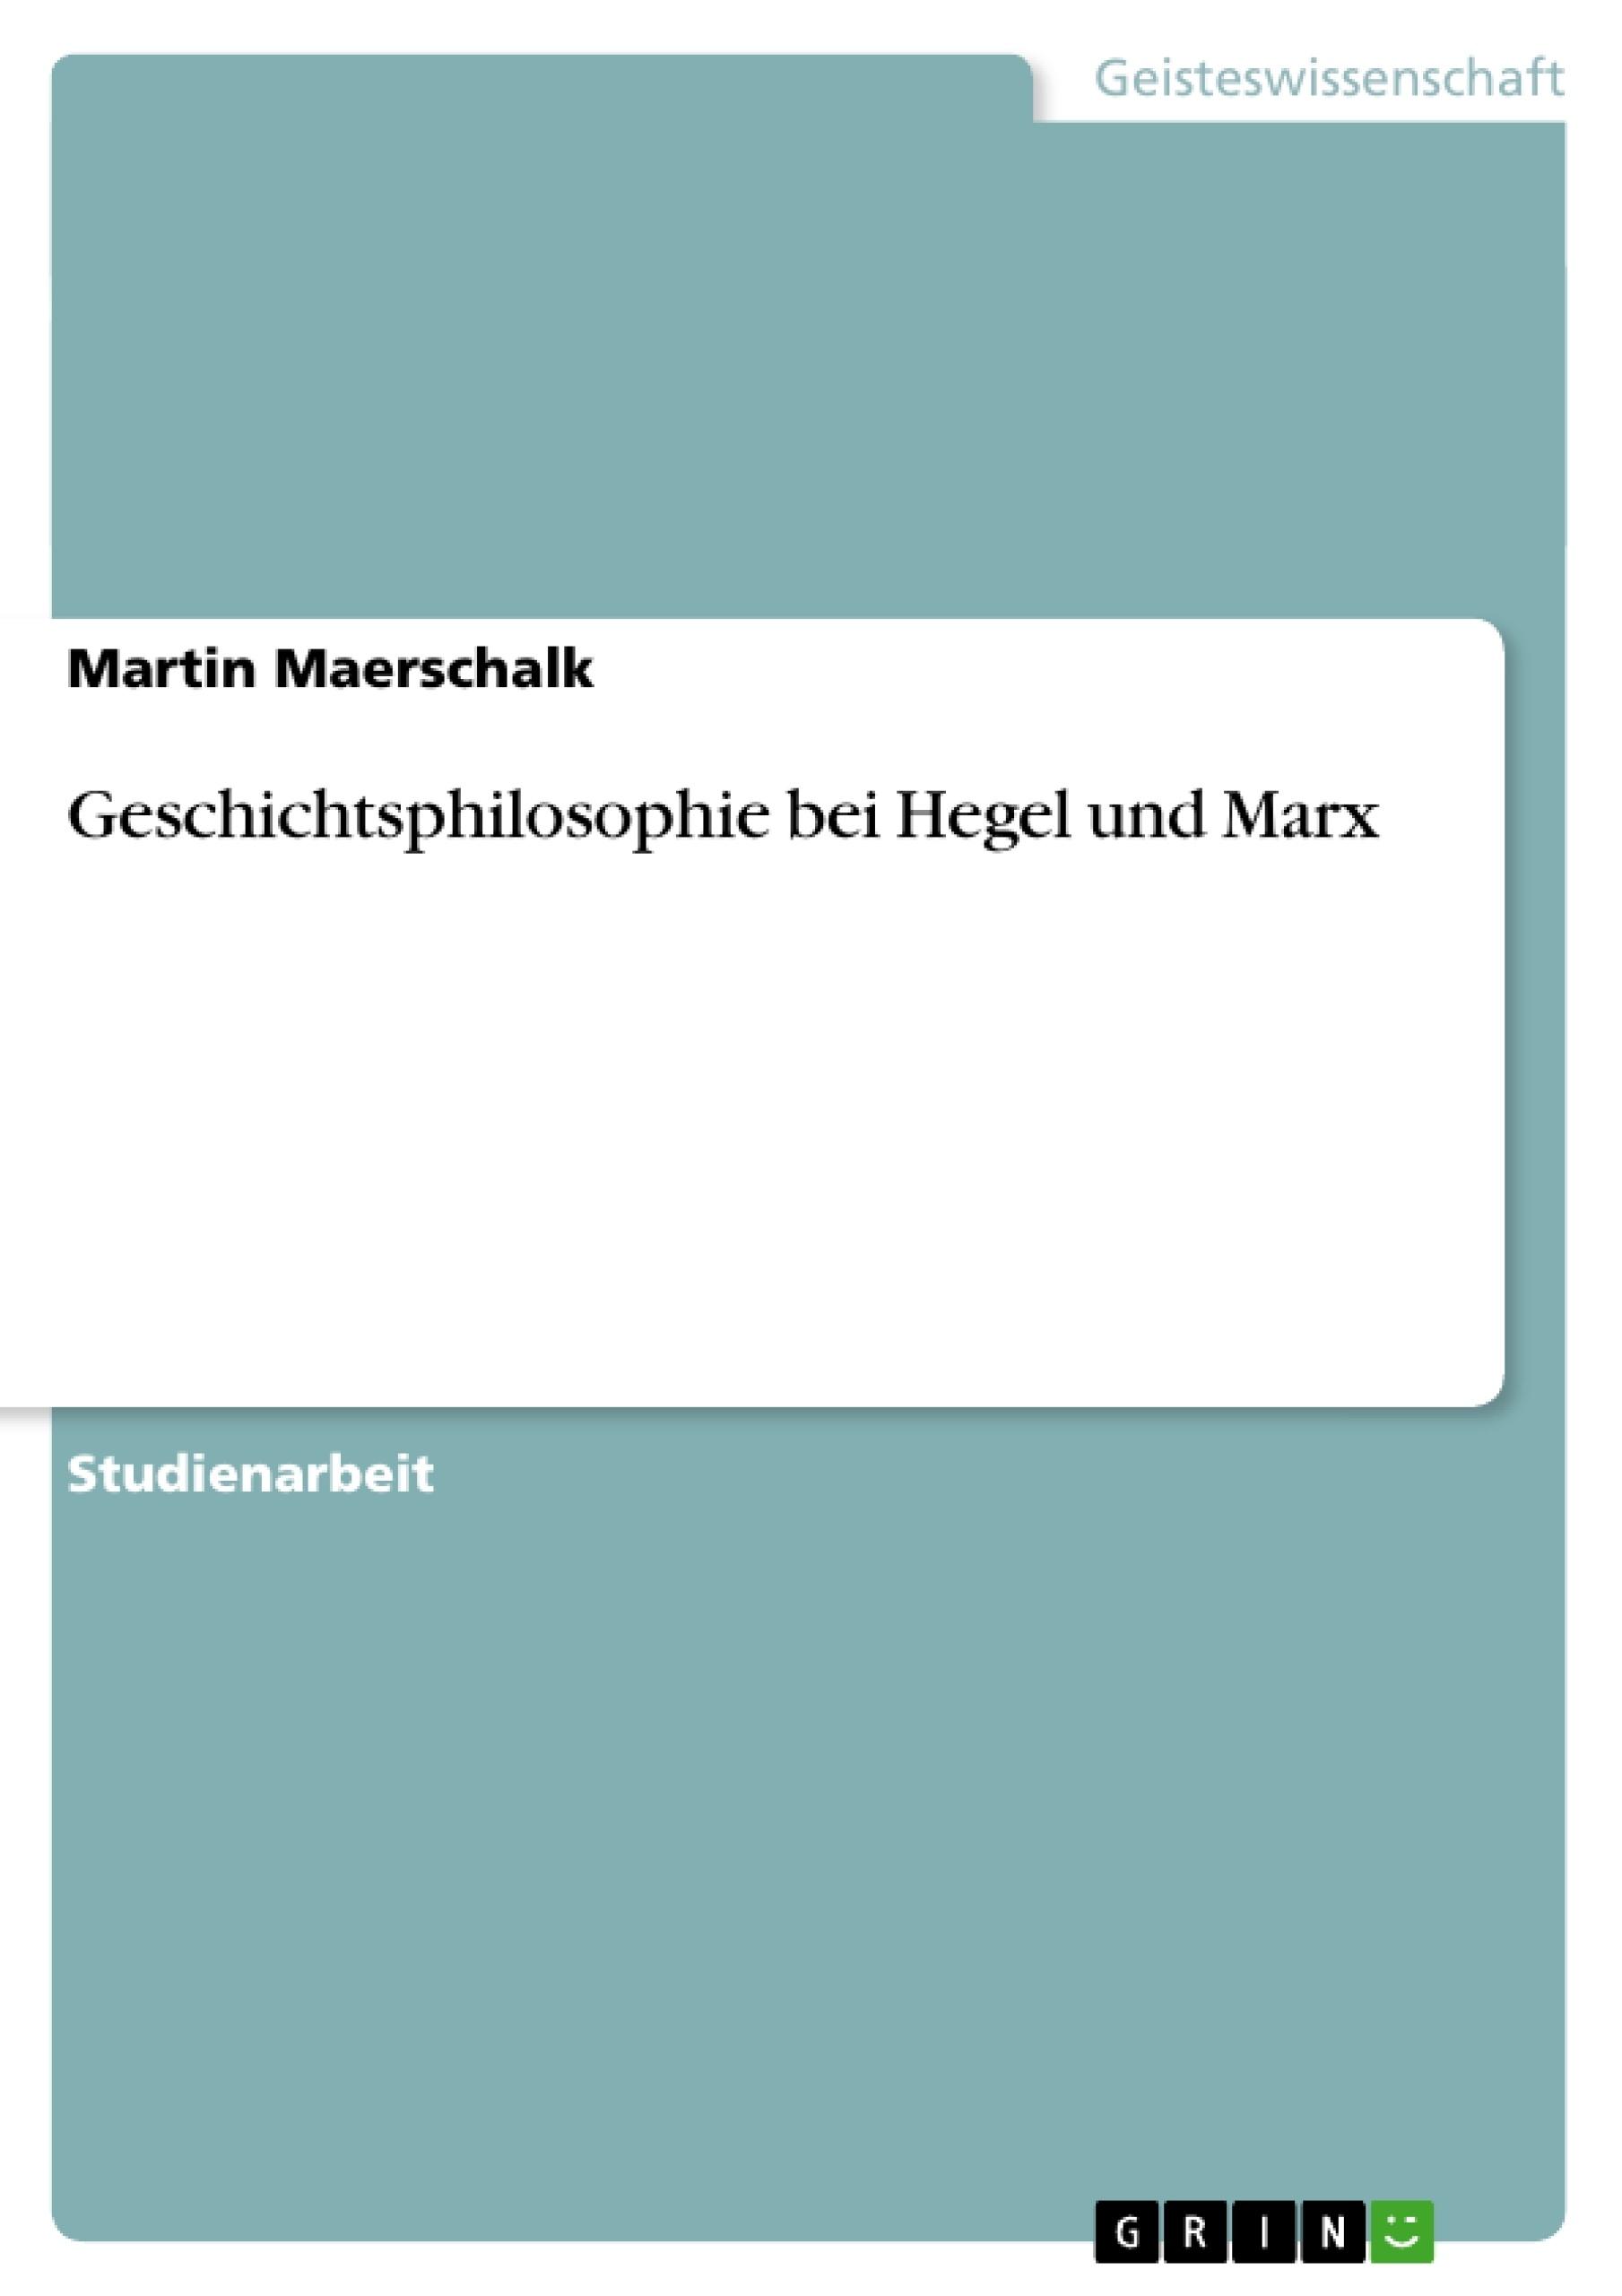 Titel: Geschichtsphilosophie bei Hegel und Marx